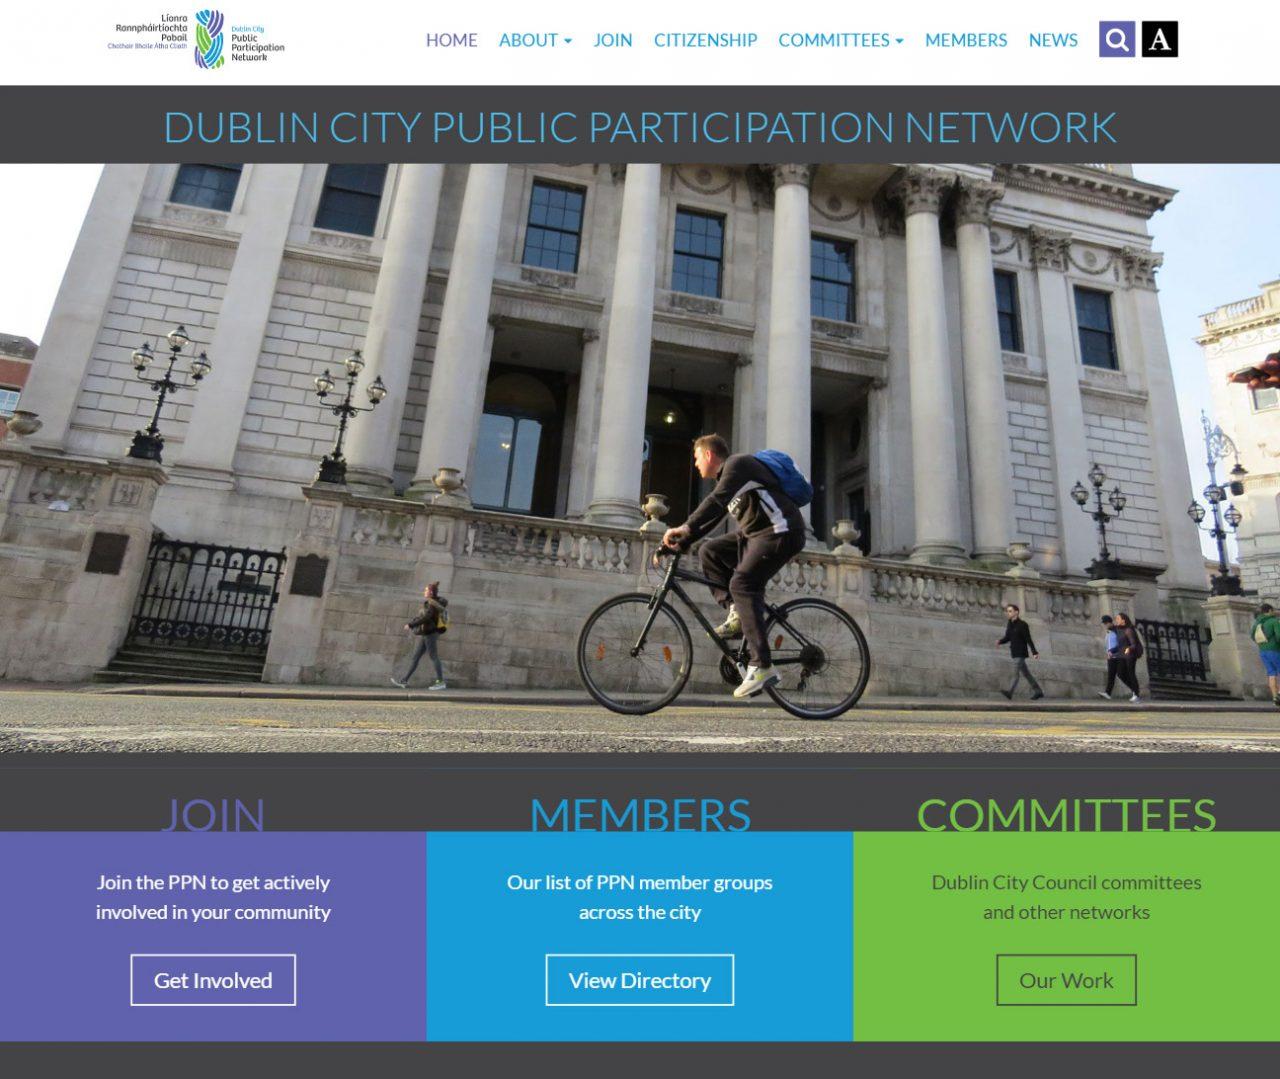 Dublin City Public Participation Network - Home